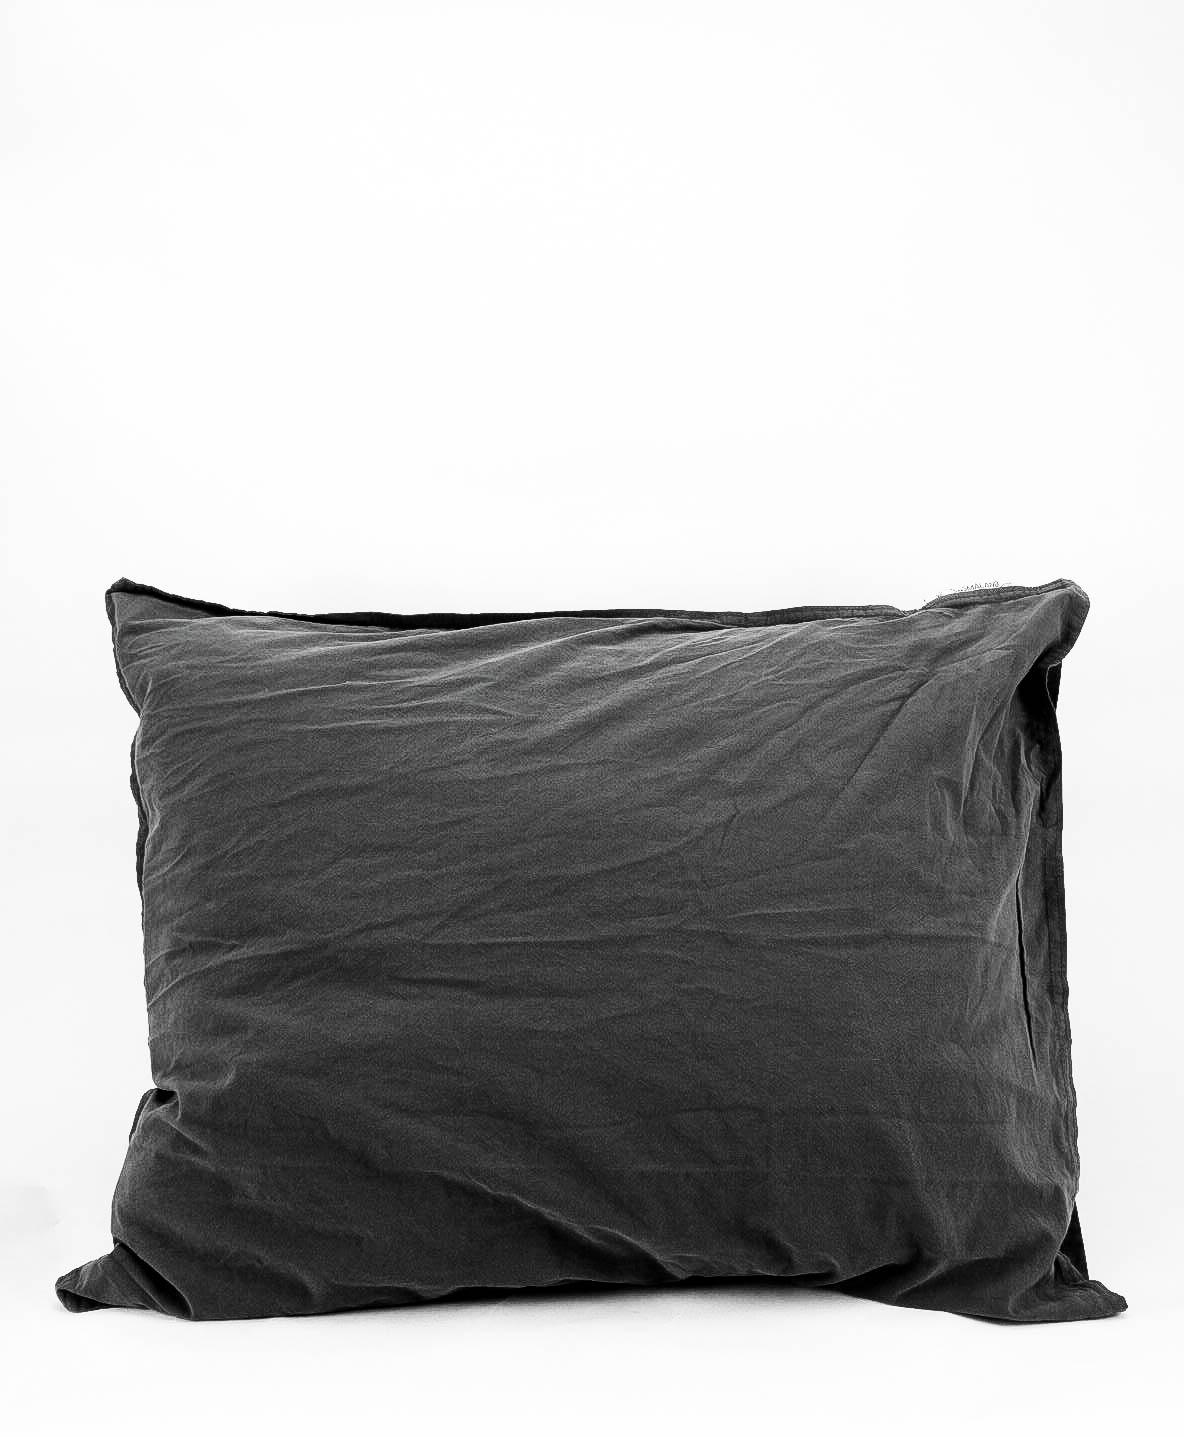 50x60cm Pillowcase Crinkle Dark Grey